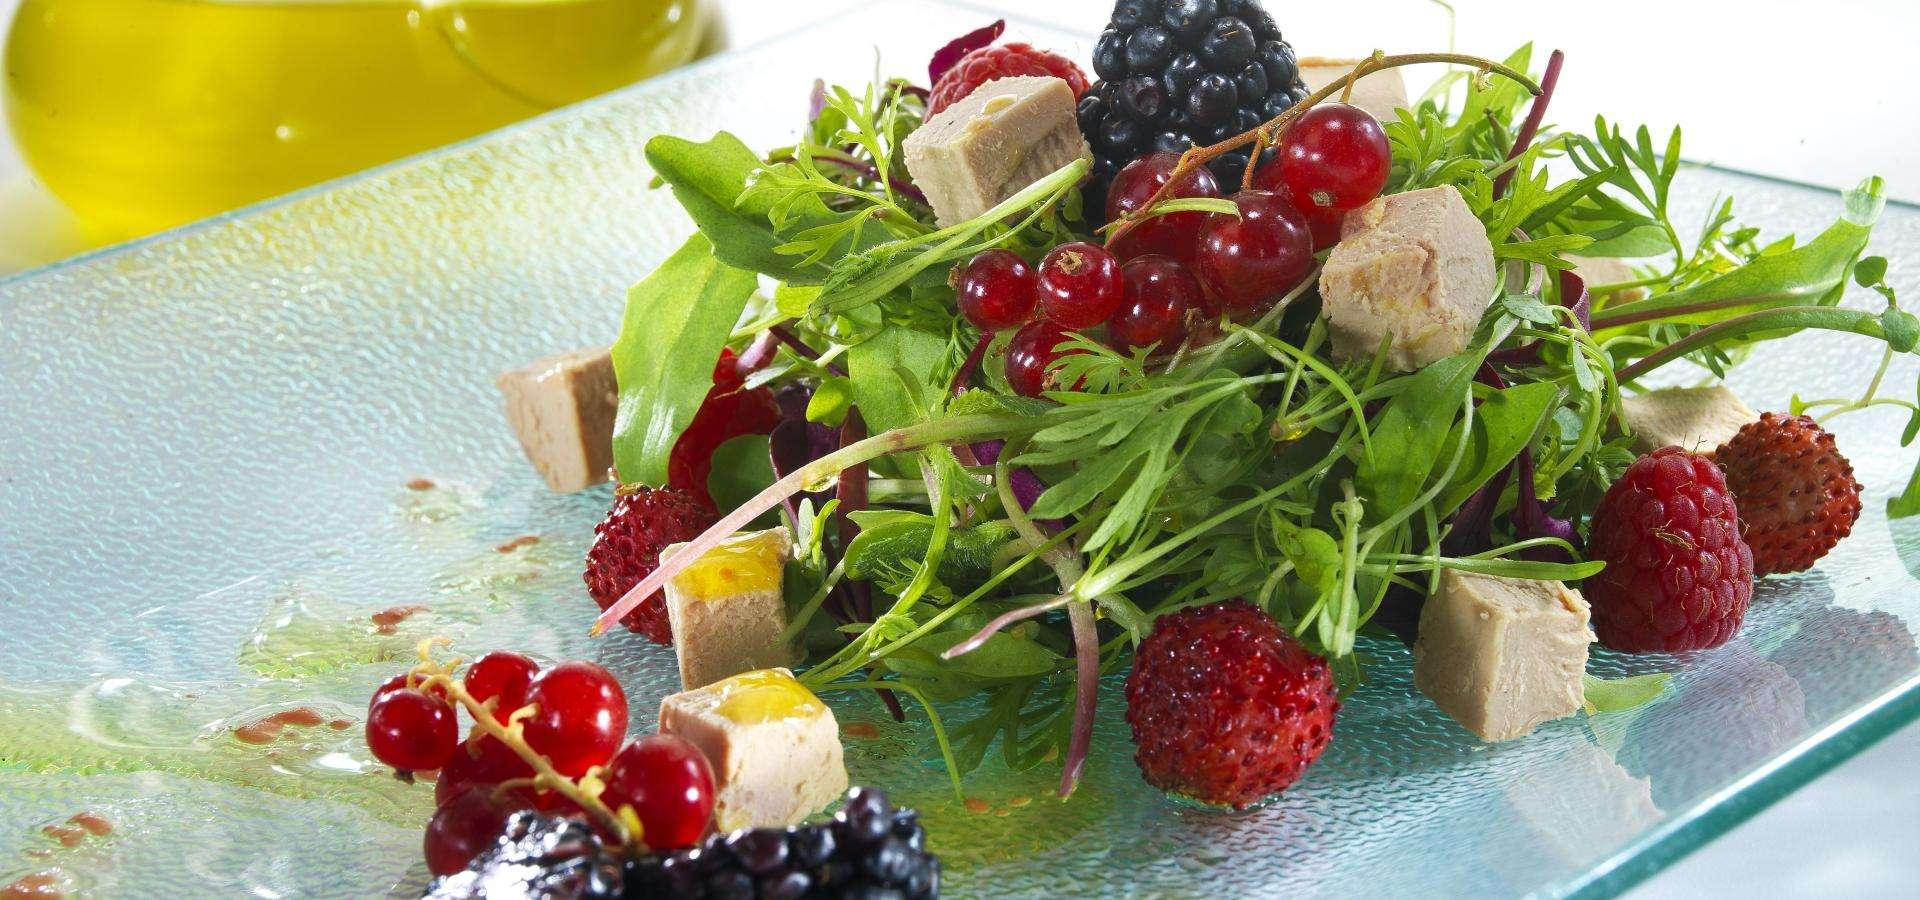 Salat mit halbgegarter Gänseleberpastete und Beeren